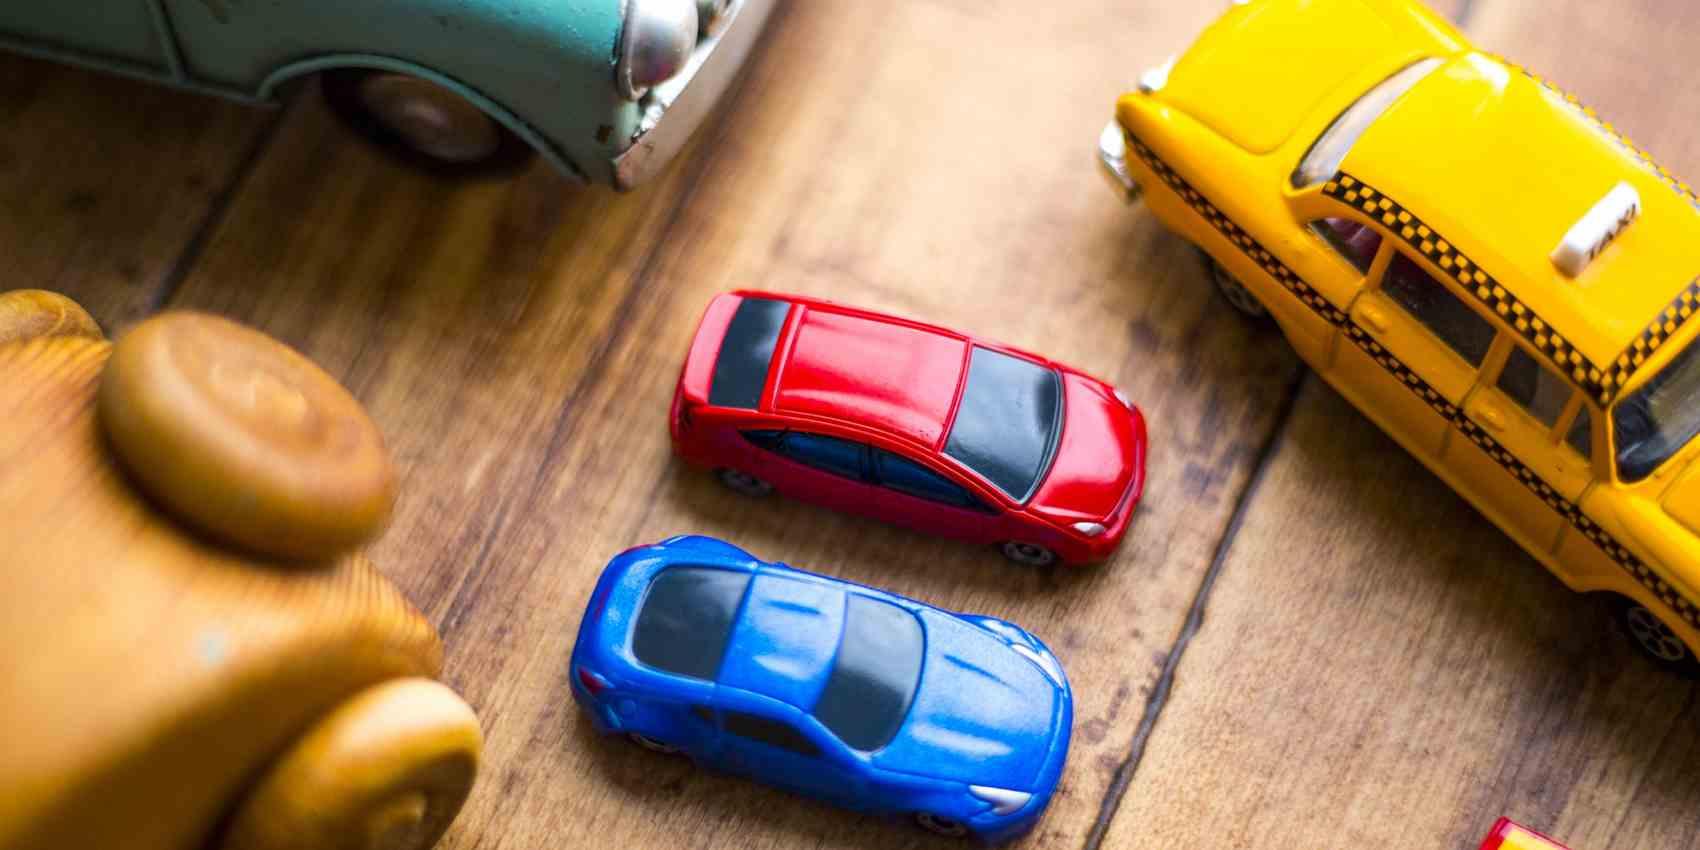 車の駆動方式の種類と自分に合った車選び!FF・FR・4WD(AWD)の違いとは?